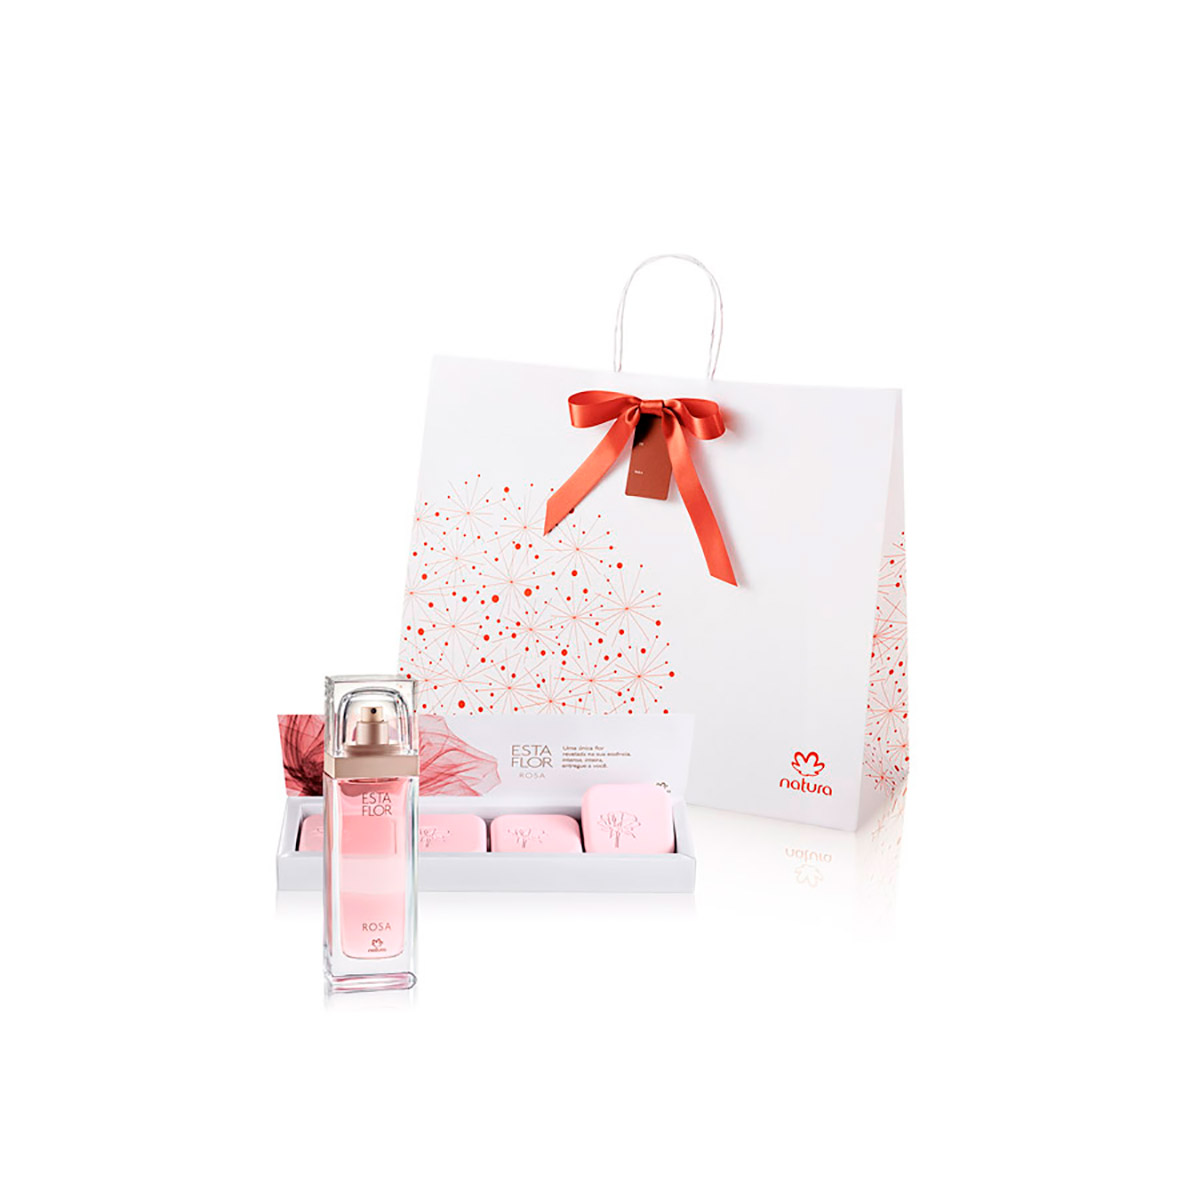 Presente Natura Esta Flor Rosa - Deo Parfum + Sabonetes em Barra + Embalagem - 67860